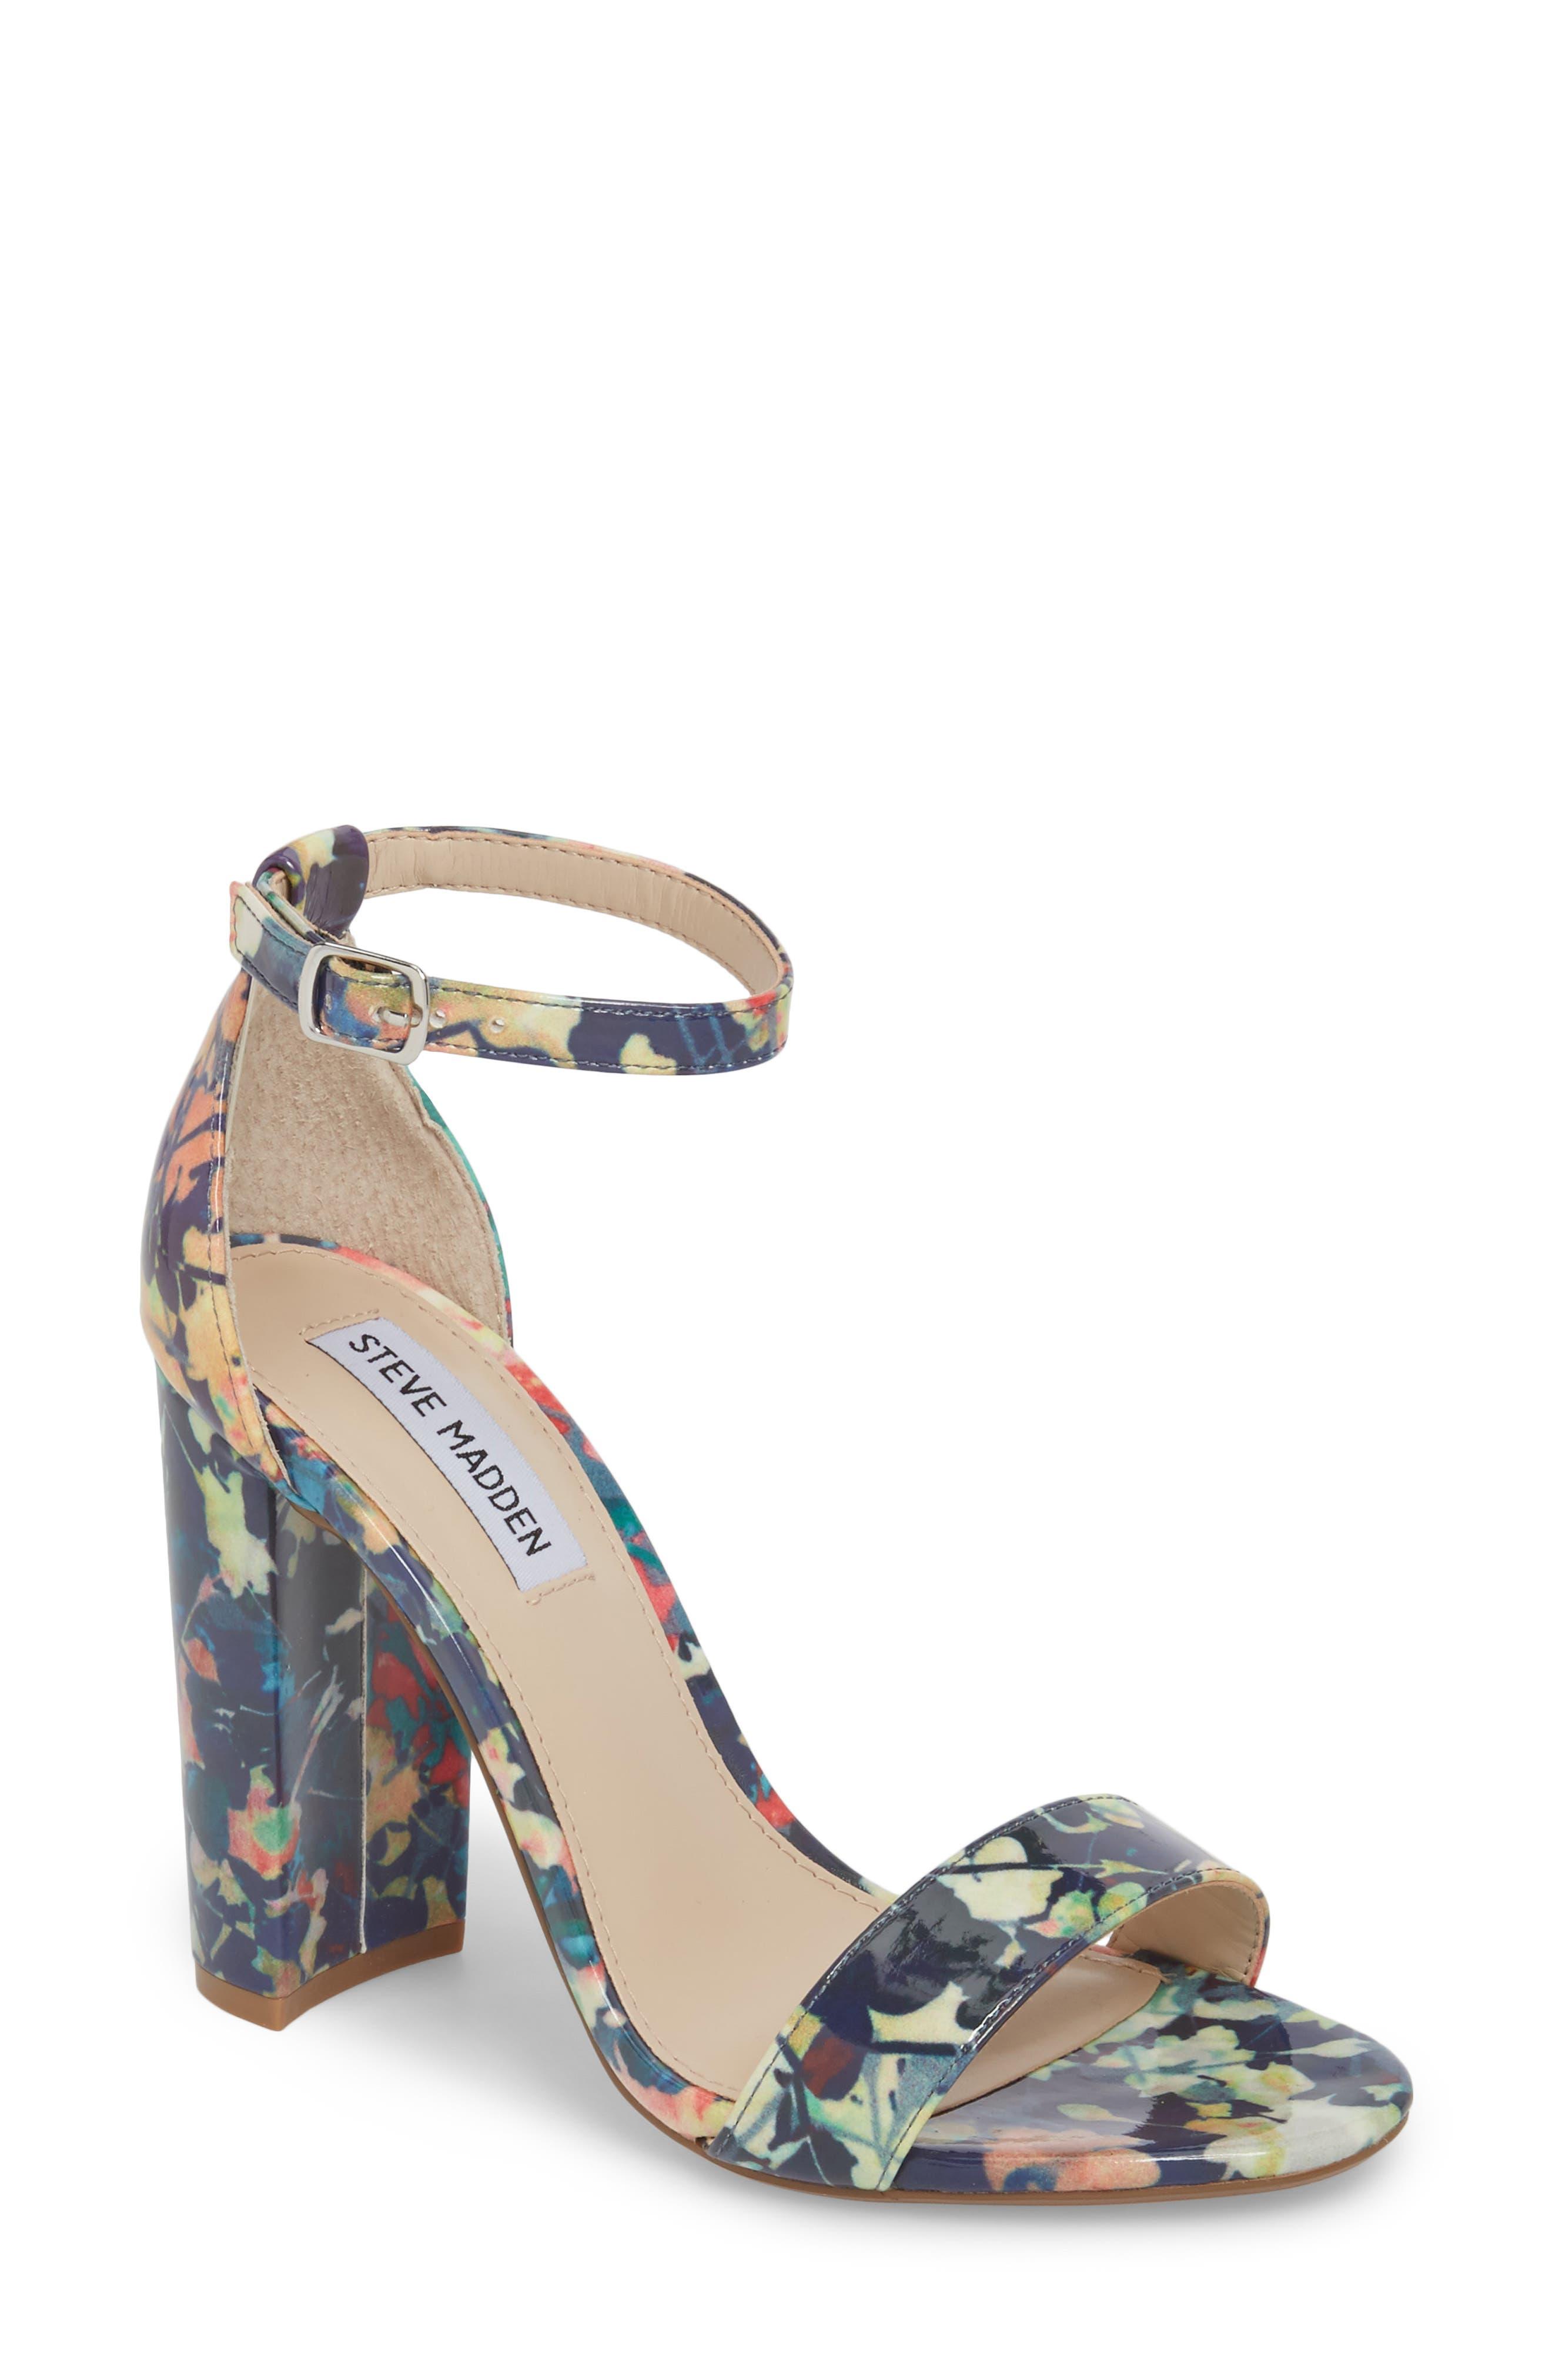 nordstrom klub nico shoes moxie girlz sophina fashion 830888